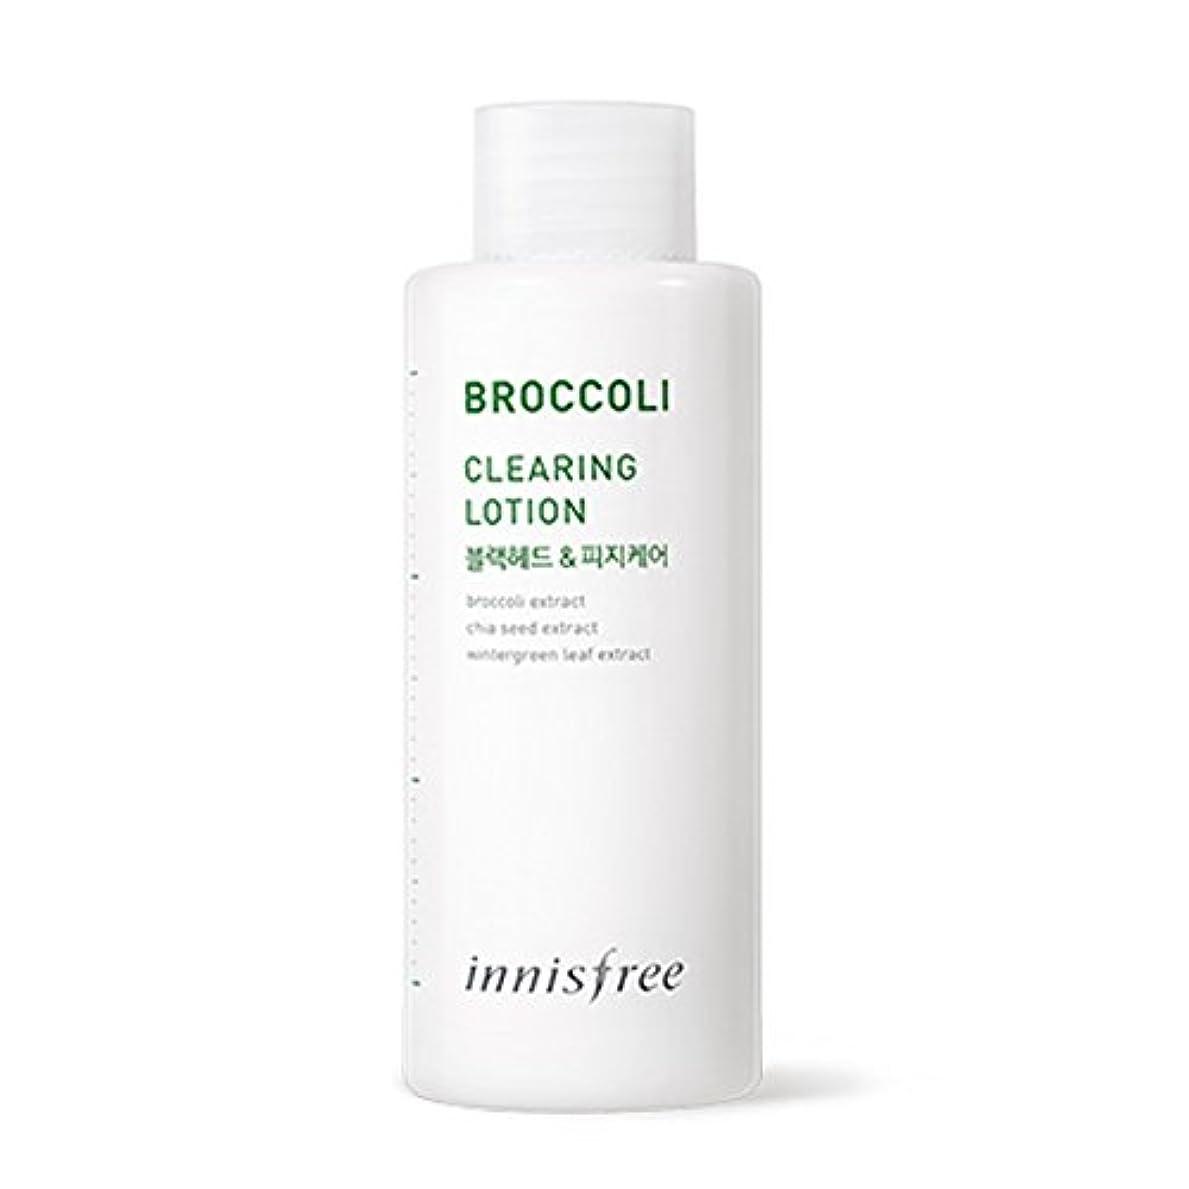 紫のストッキング仕事に行くイニスフリーブロッコリークリアリングローション(エマルジョン)130ml Innisfree Broccoli Clearing Lotion(Emulsion) 130ml [海外直送品][並行輸入品]